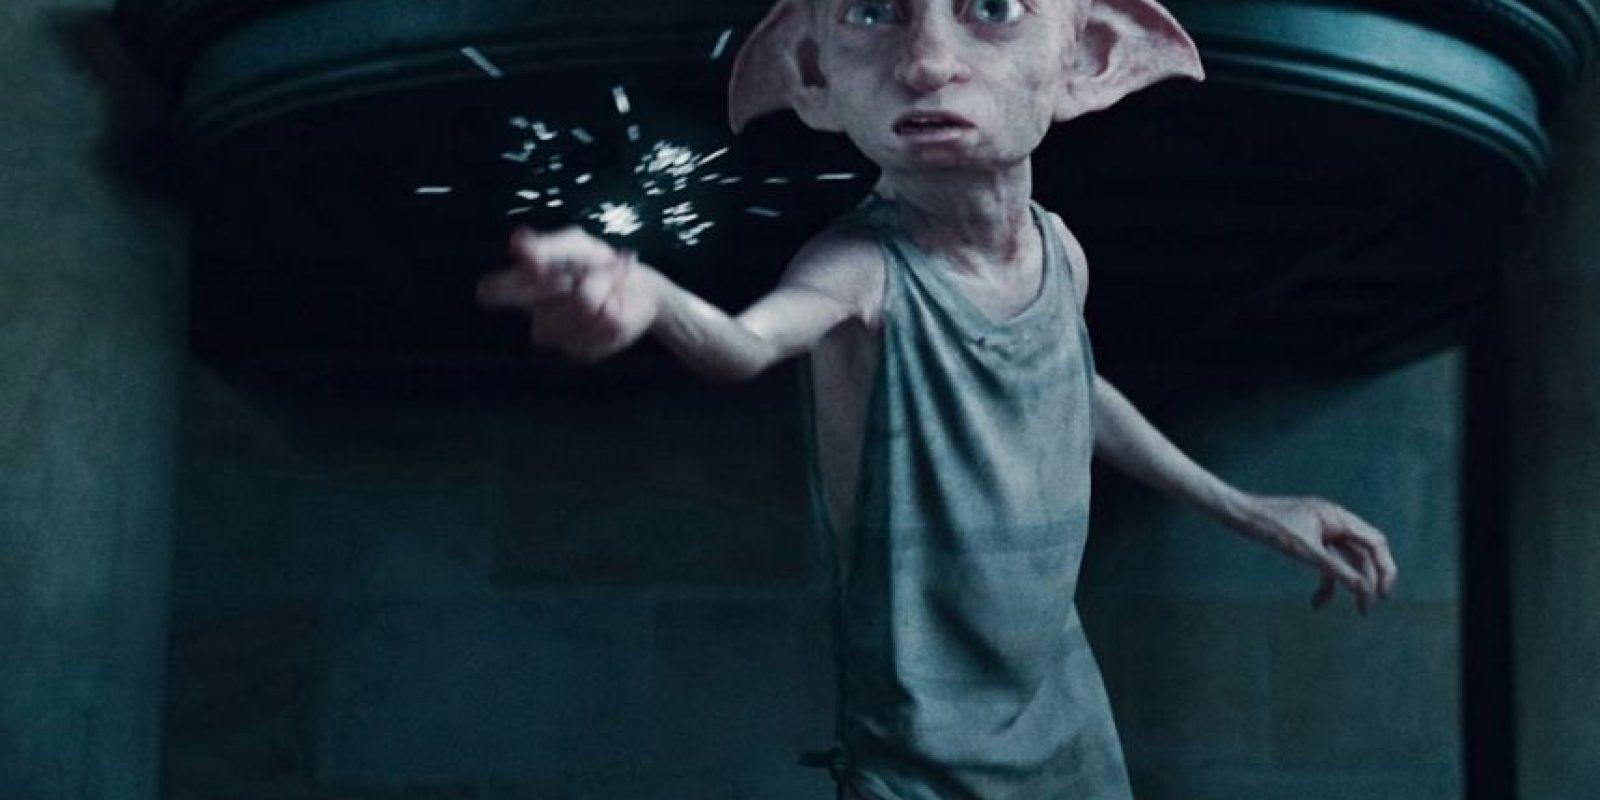 Dobby, el elfo doméstico liberado por Harry, fue de gran ayuda hacia él en los momentos finales. Foto:Warner Bros